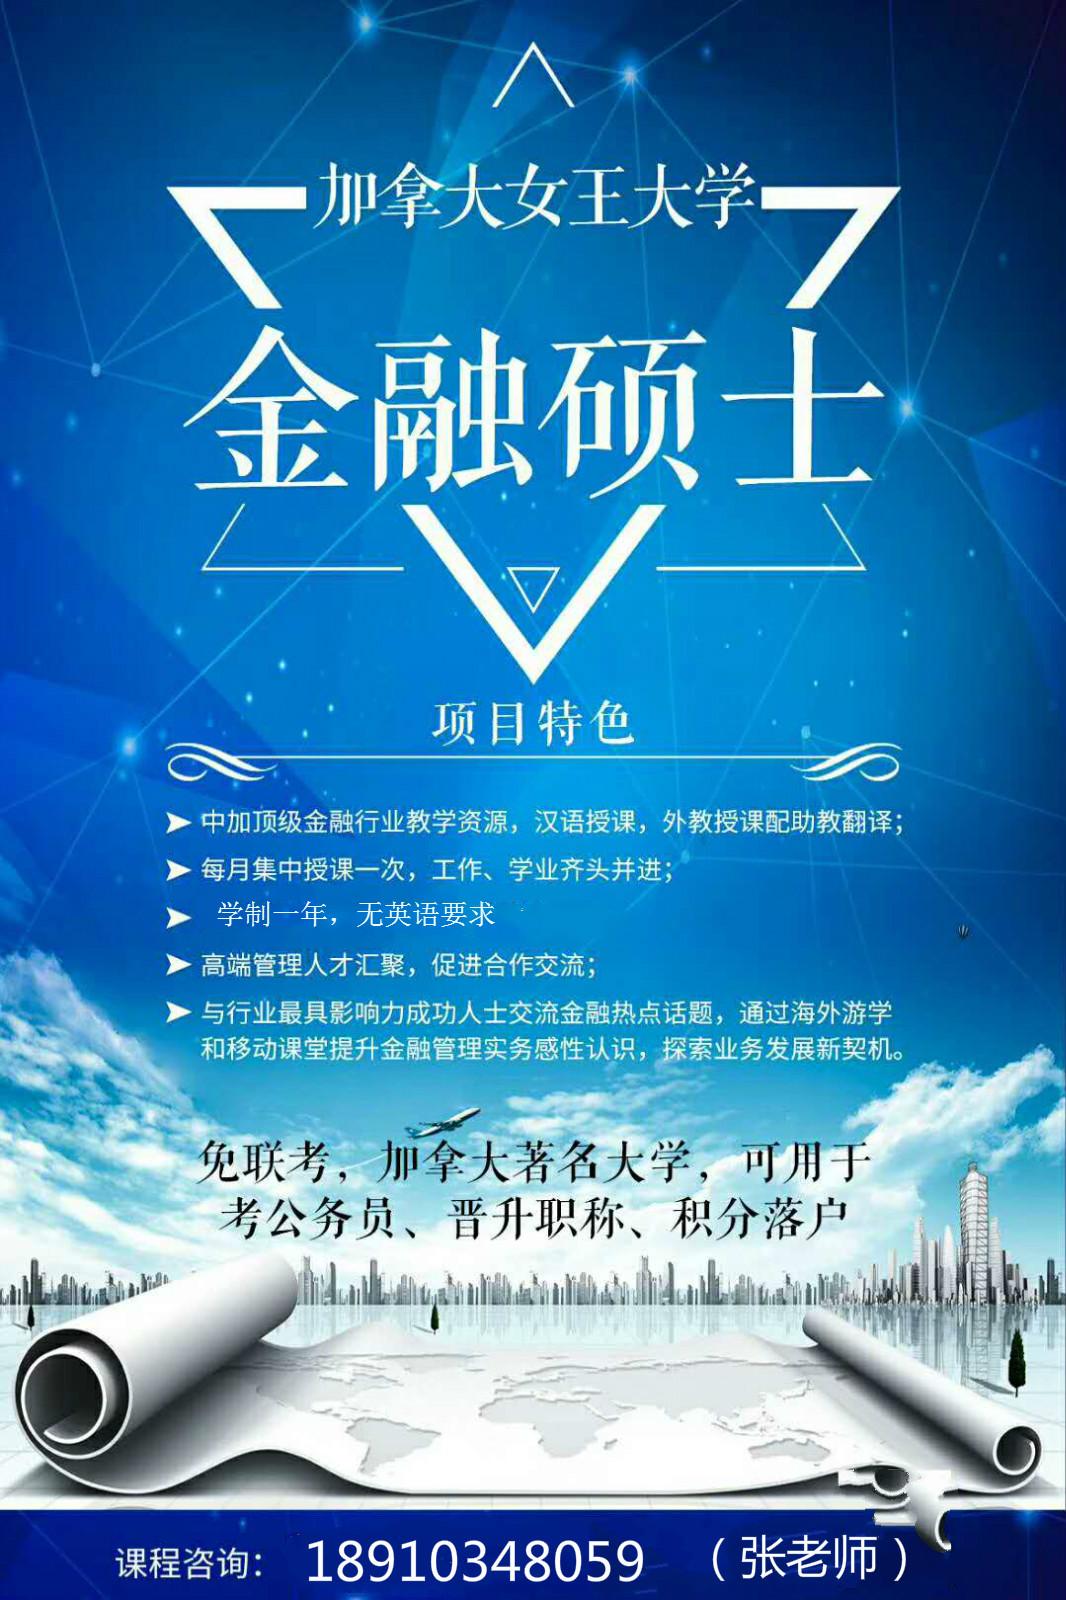 中国人民大学-加拿大女王大学金融硕士颁发哪些证书呢?